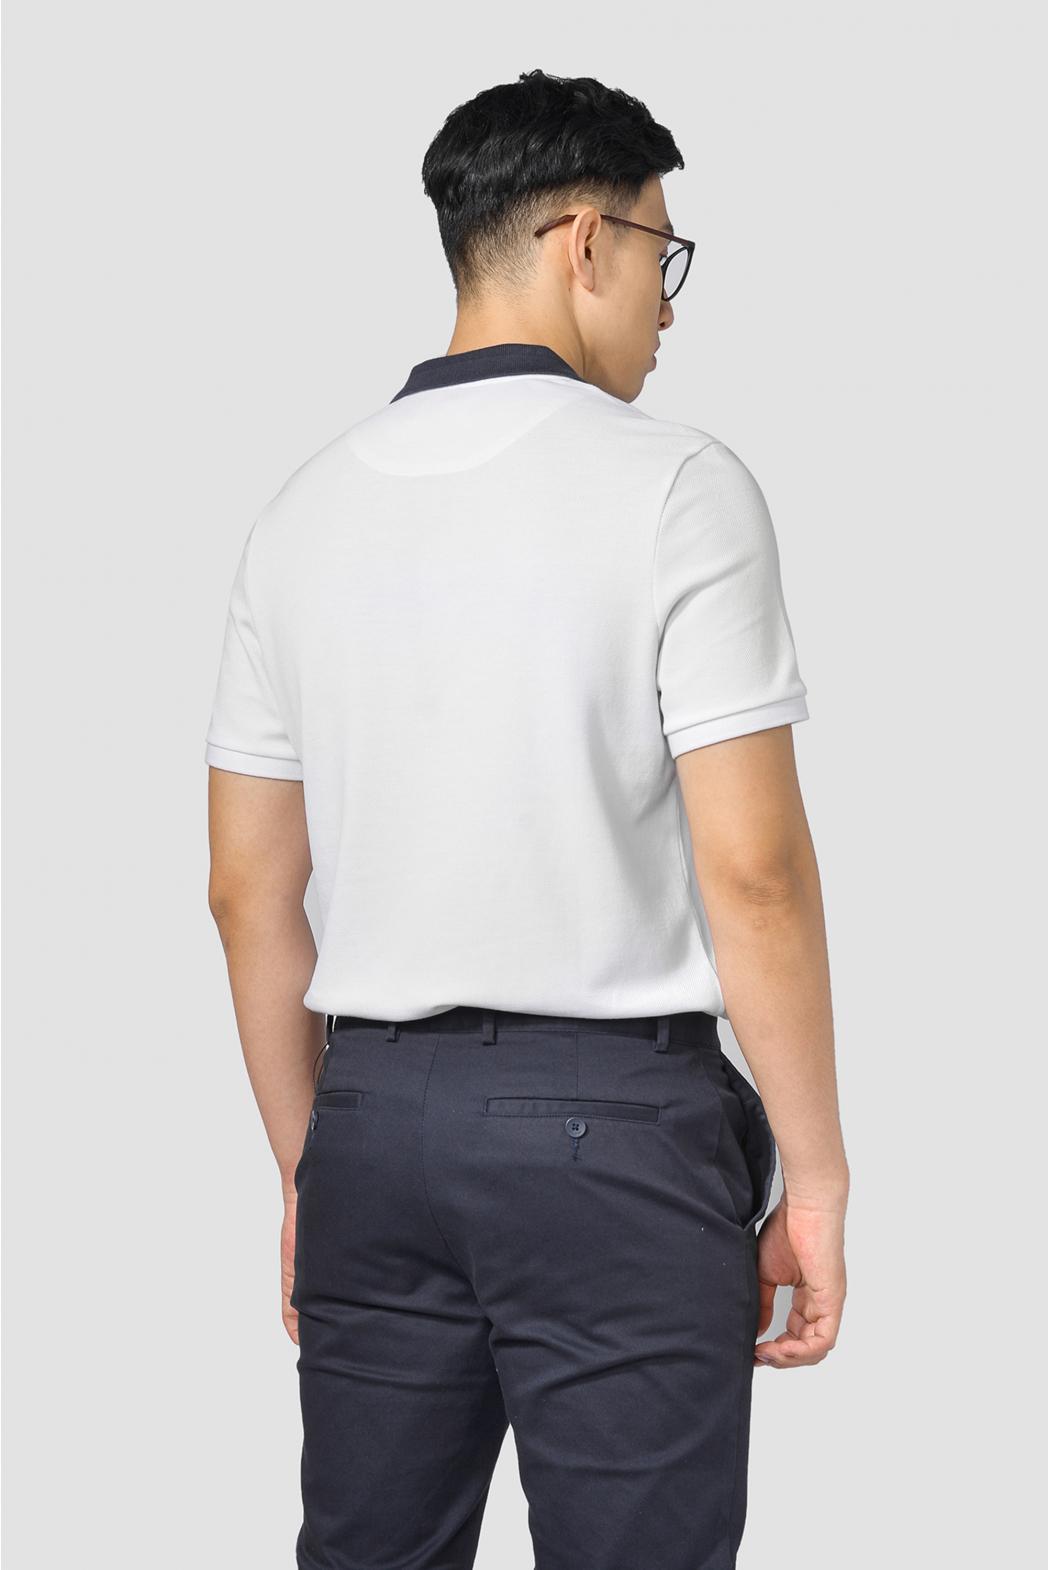 Áo Polo có Rib phối màu. FITTED form - 10F20POL013